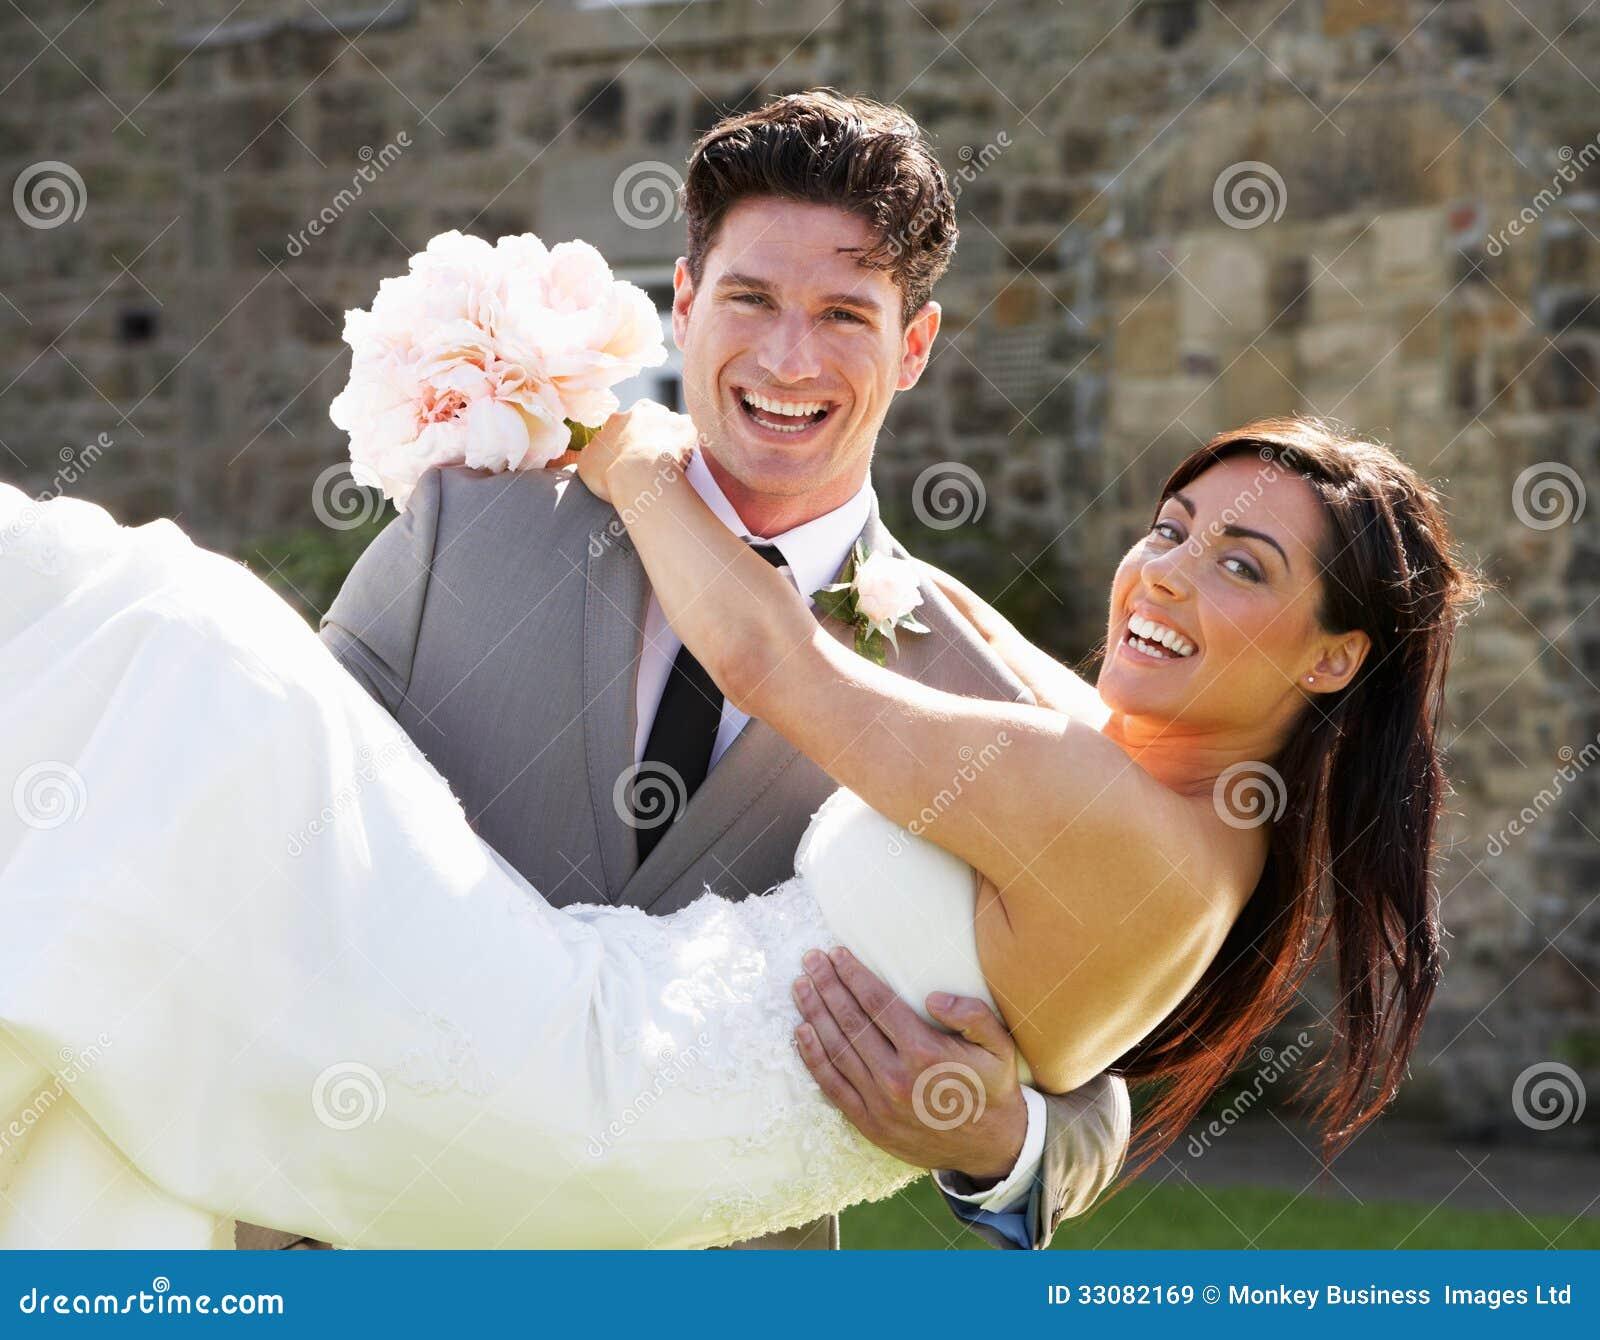 Romantische Bruid en Bruidegom Embracing Outdoors